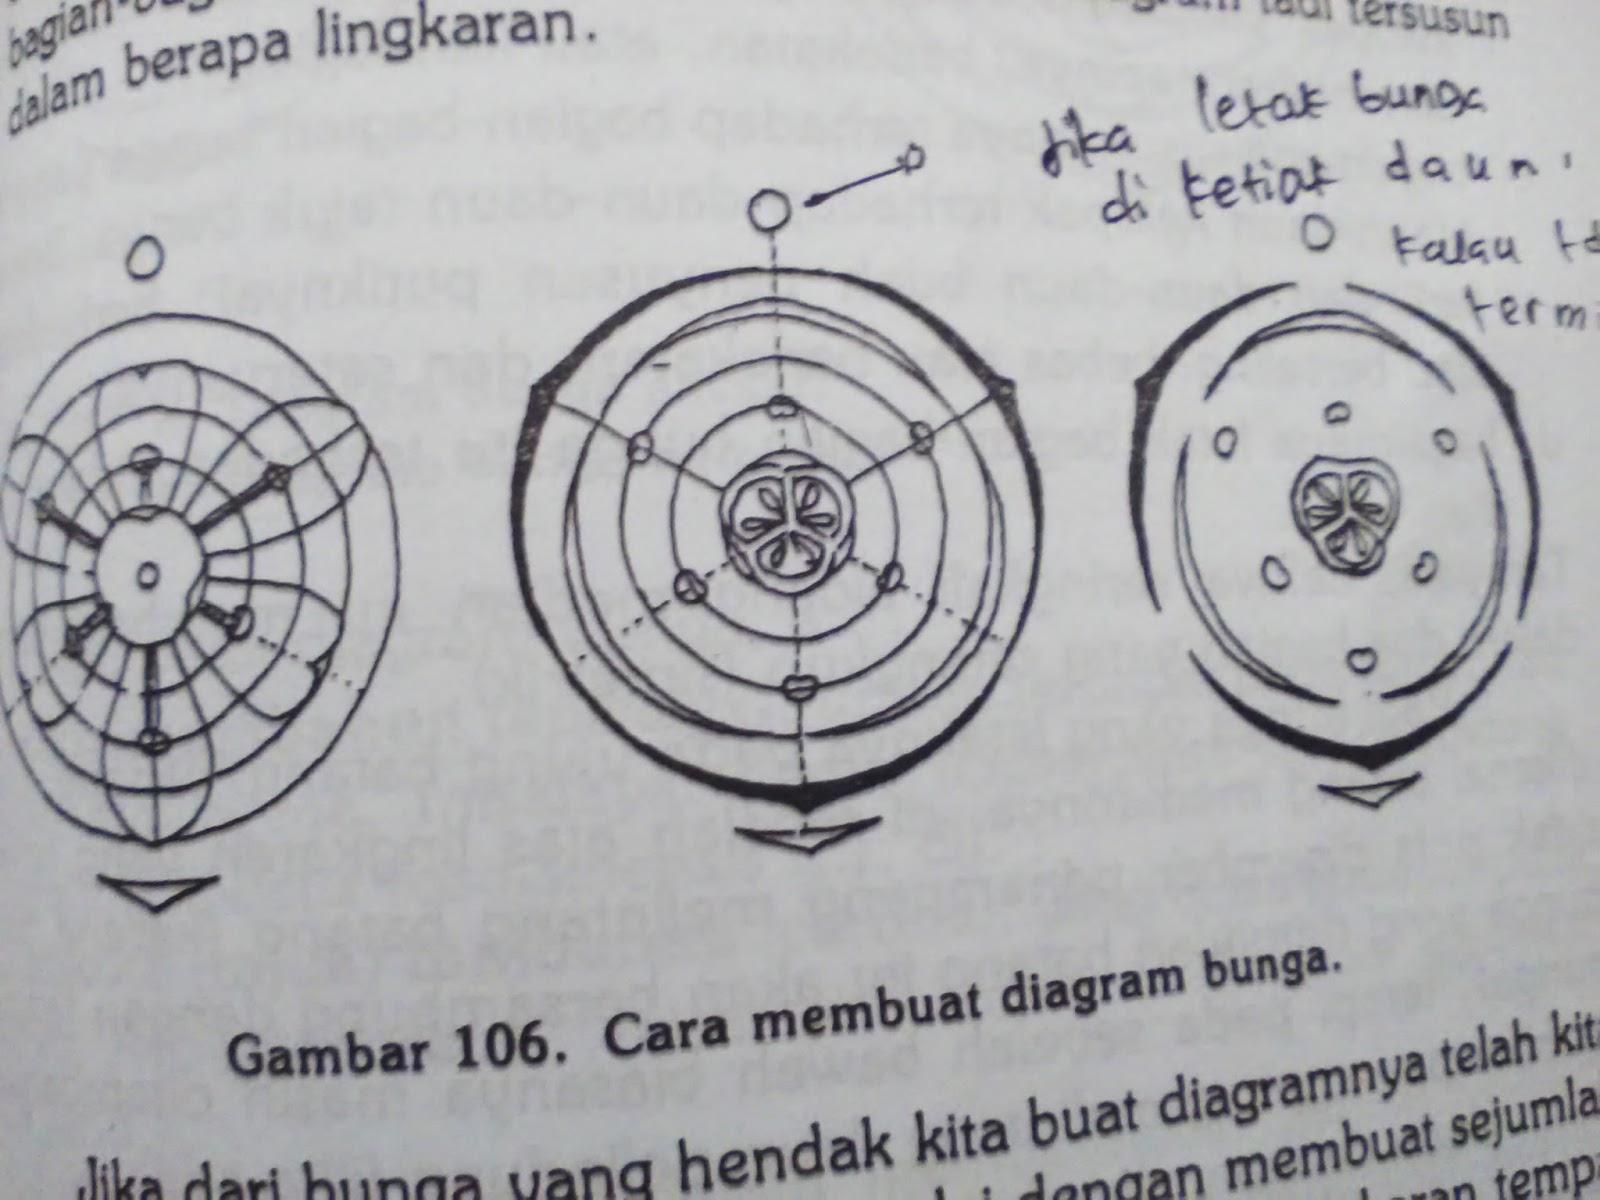 Morfologi tumbuhan jika dari bunga yang hendak kita buat diagramnya telah kita tentukan kedua hal tersebut kita mulai dengan membuat sejumlah lingkaran yang konsentris ccuart Images